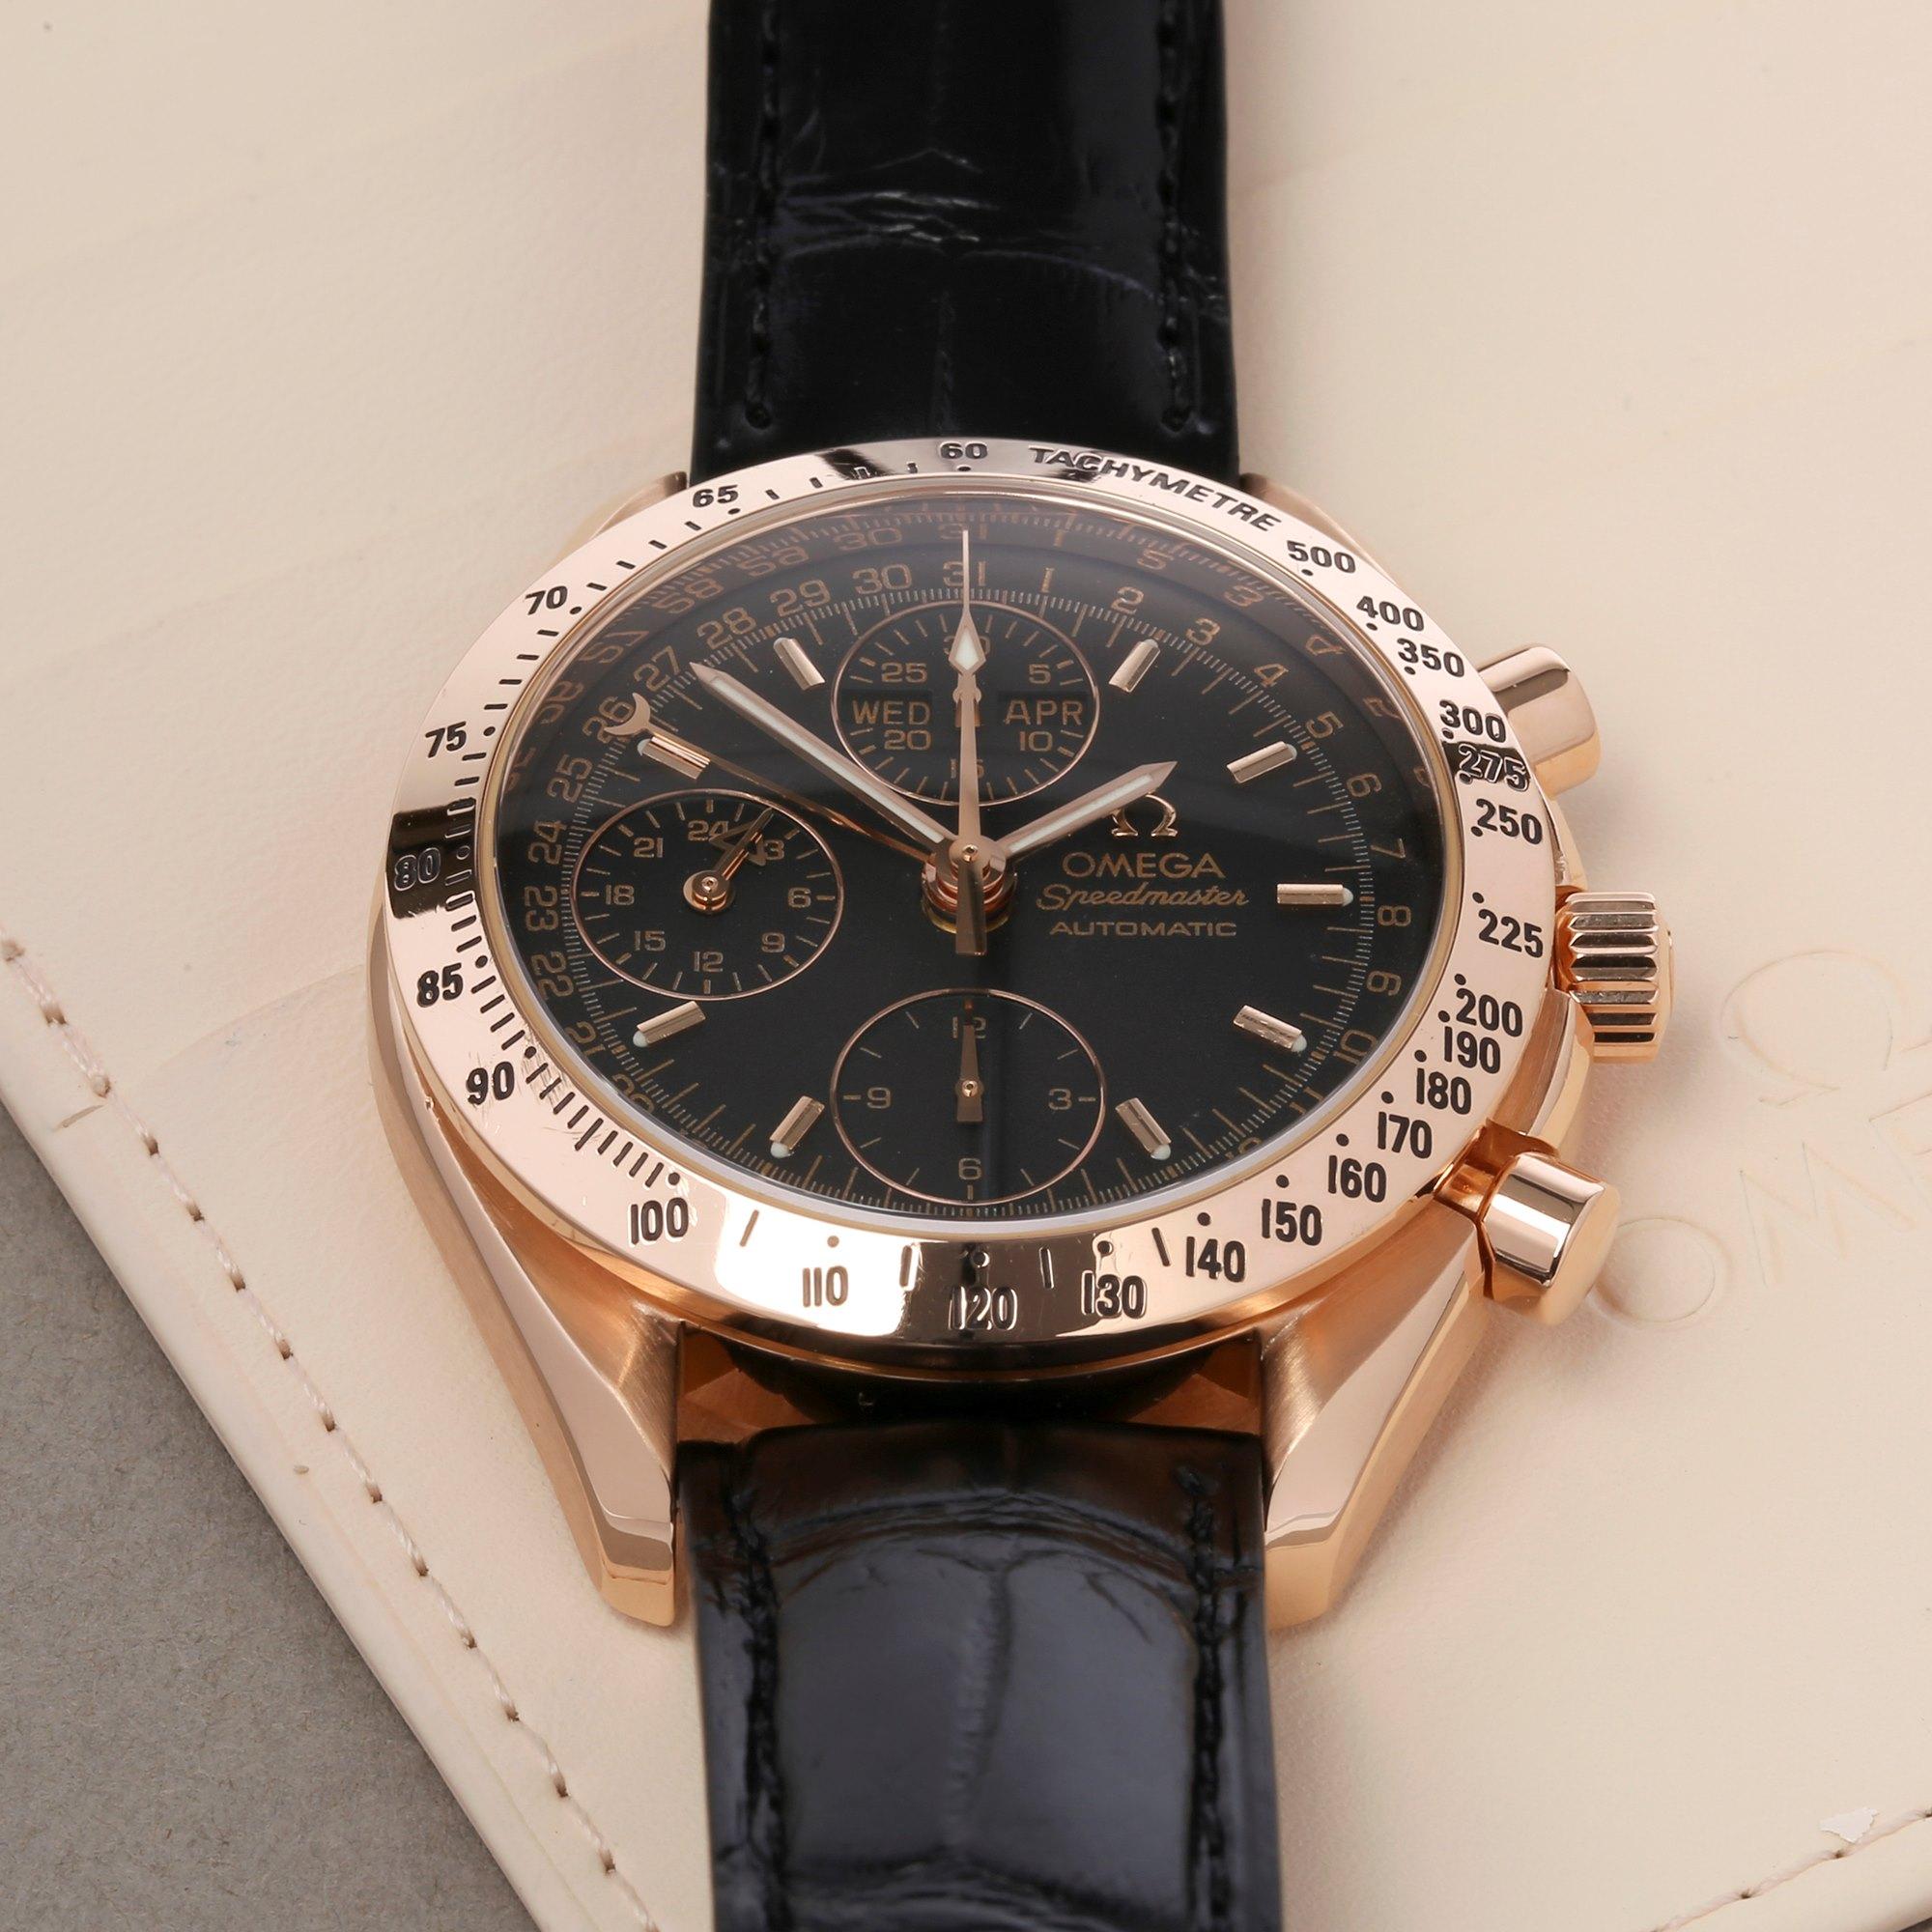 Omega Speedmaster Day Date Chronograph 18K Rose Goud 3623.50.01